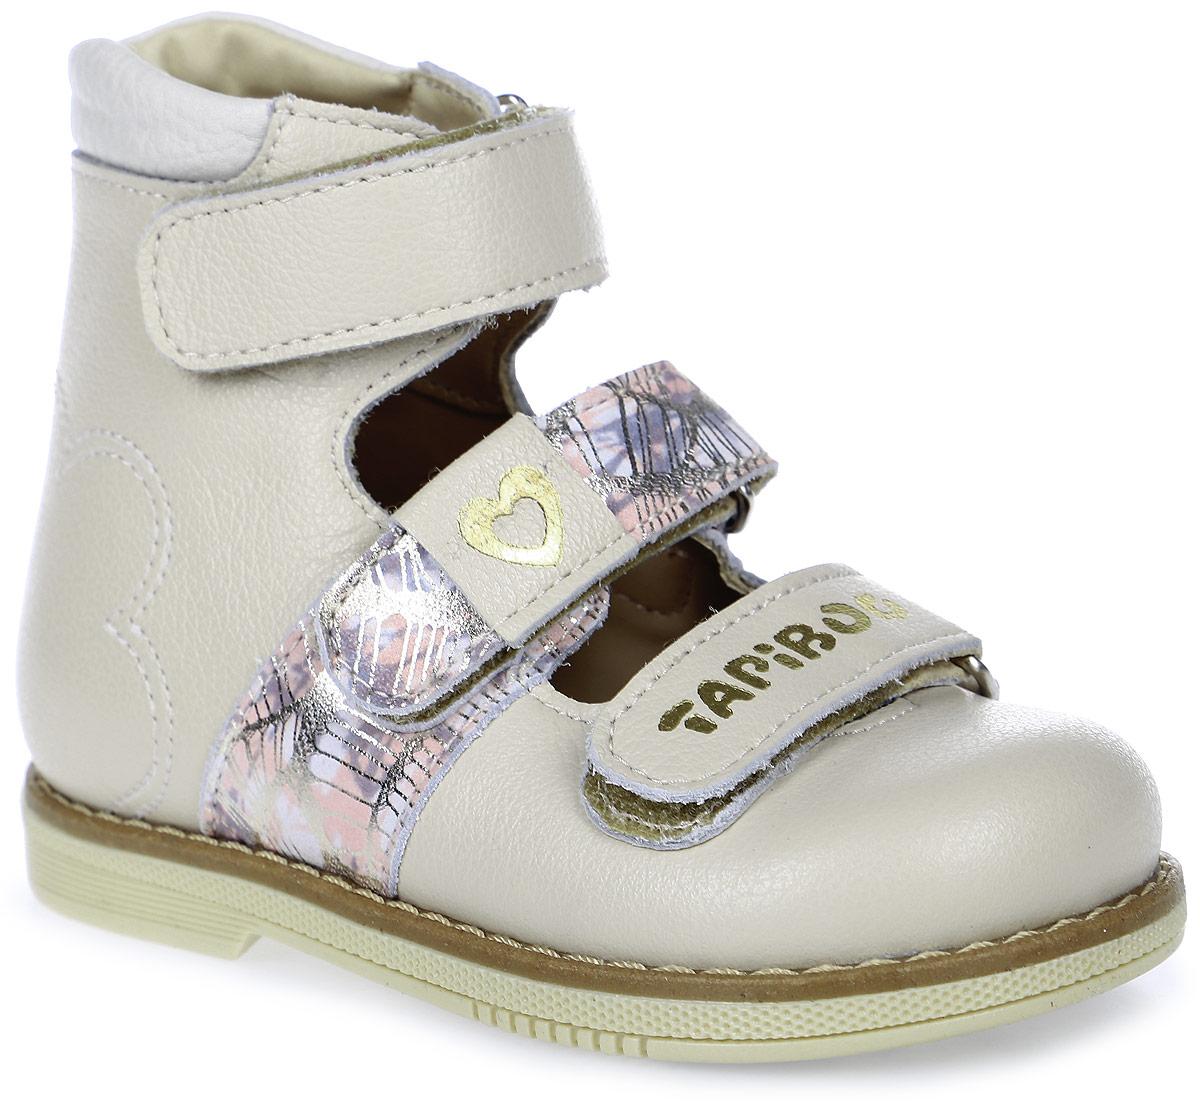 Туфли для девочки TapiBoo, цвет: молочный. FT-25007.17-OL42O.01. Размер 25FT-25007.17-OL42O.01Ортопедические туфли от TapiBoo разработаны для коррекции стоп при вальгусной деформации, а также для профилактики плоскостопия. Модель, выполненная из натуральной кожи, оформлена контрастной прострочкой на ранте.Жесткий фиксирующий задник увеличенной высоты и три застежки - липучки, обеспечивают необходимую фиксацию голеностопа в правильном положении. Средний ремешок дополнен принтом и декоративным элементом, нижний - логотипом бренда. Ортопедический каблук Томаса укрепляет подошву под средней частью стопы и препятствует ее заваливанию внутрь. Отсутствие швов на подкладке обеспечивает дополнительный комфорт и предотвращает натирание. Рельефный рисунок подошвы обеспечивает сцепление с любыми поверхностями. Такие туфли станут незаменимыми в гардеробе вашего ребенка.